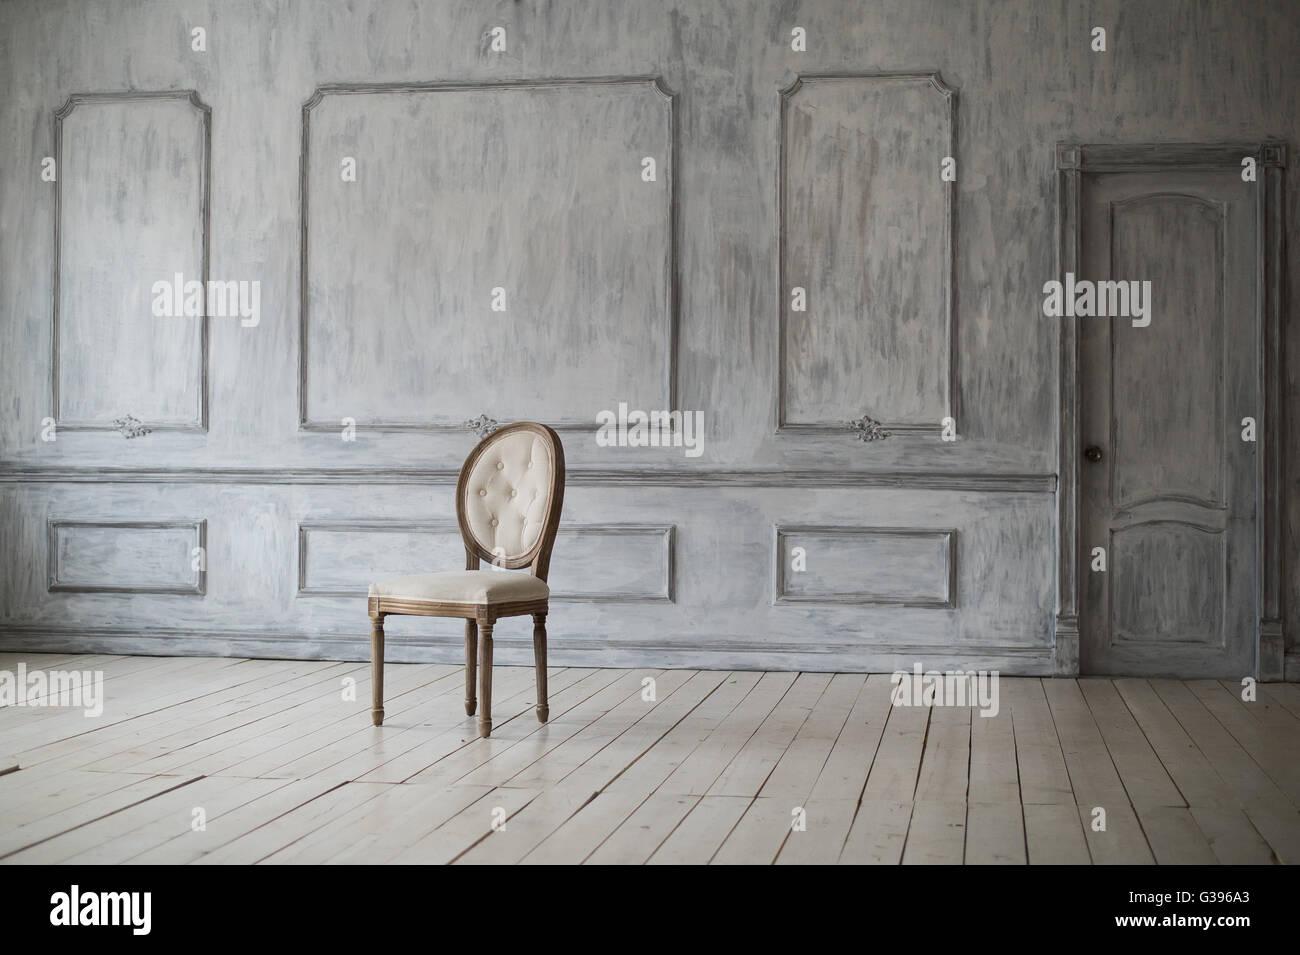 Weisse Vintage Sessel Stehen Vor Einer Hellen Wand Mit Zierleisten